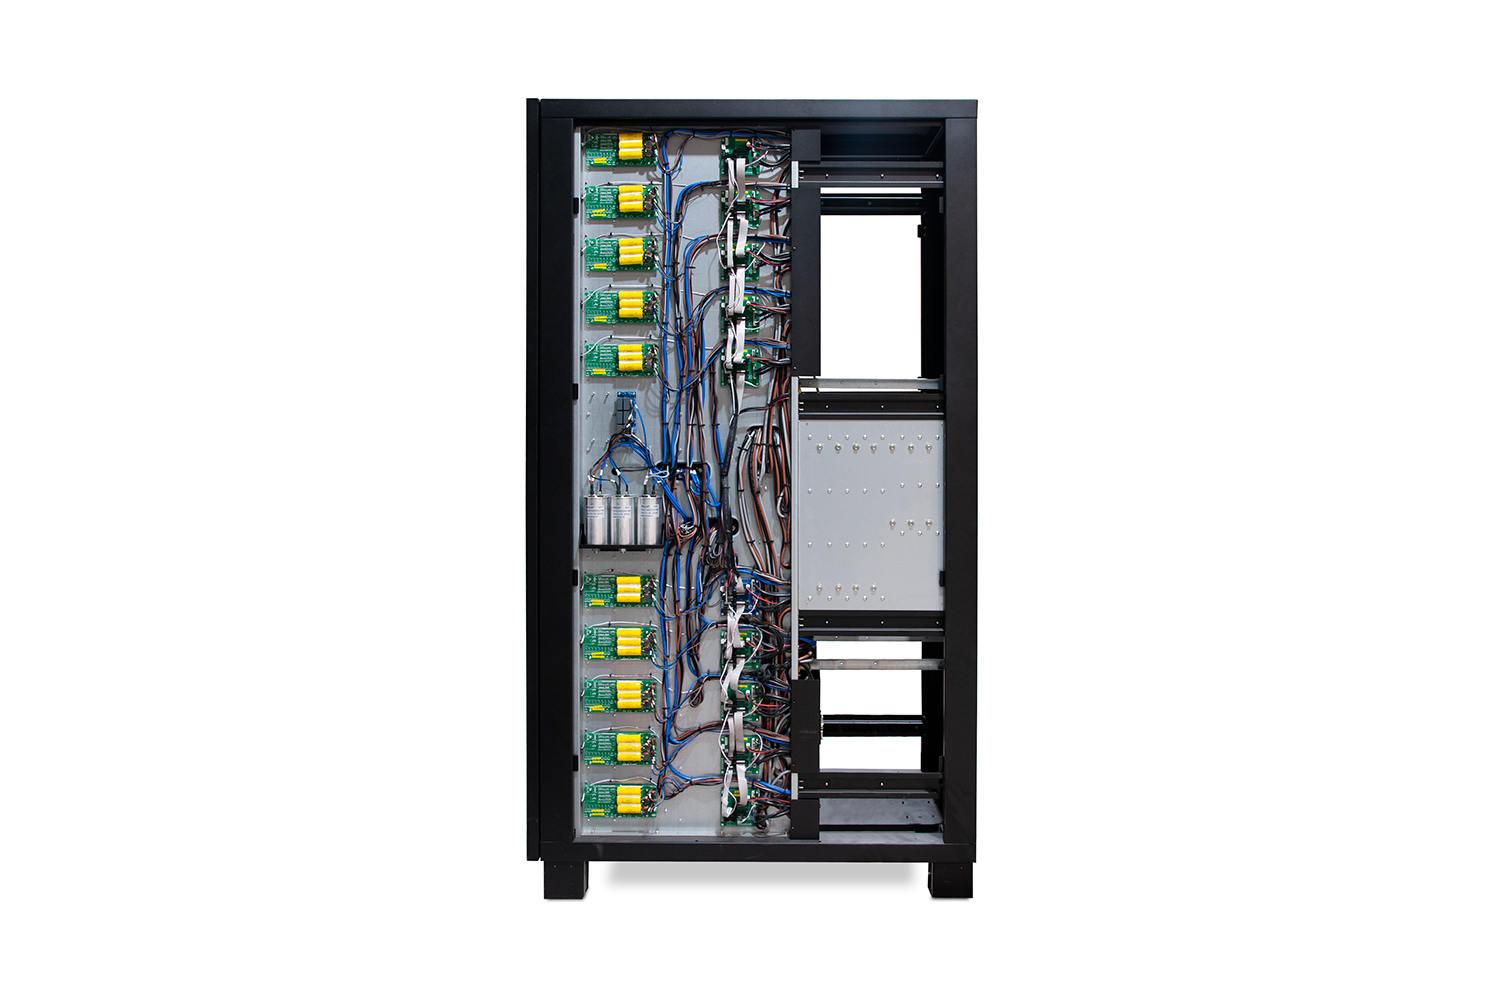 EH9500 Series Modular UPS (40-400KVA)